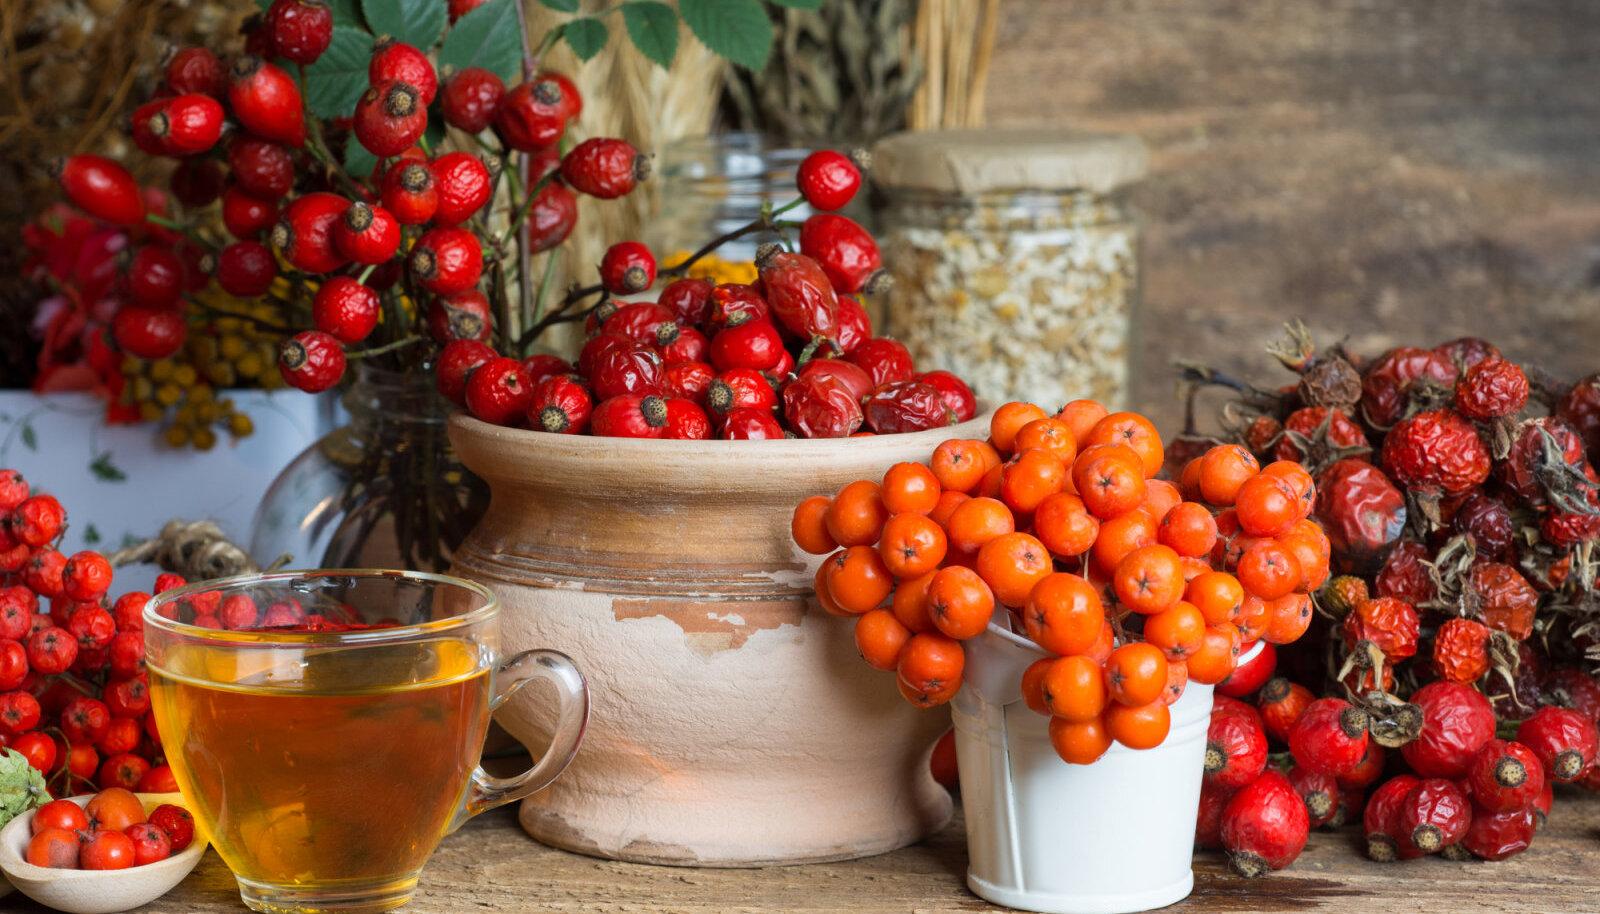 Sügis pakub väge täis marju, mis tugevdavad immuunsüsteemi